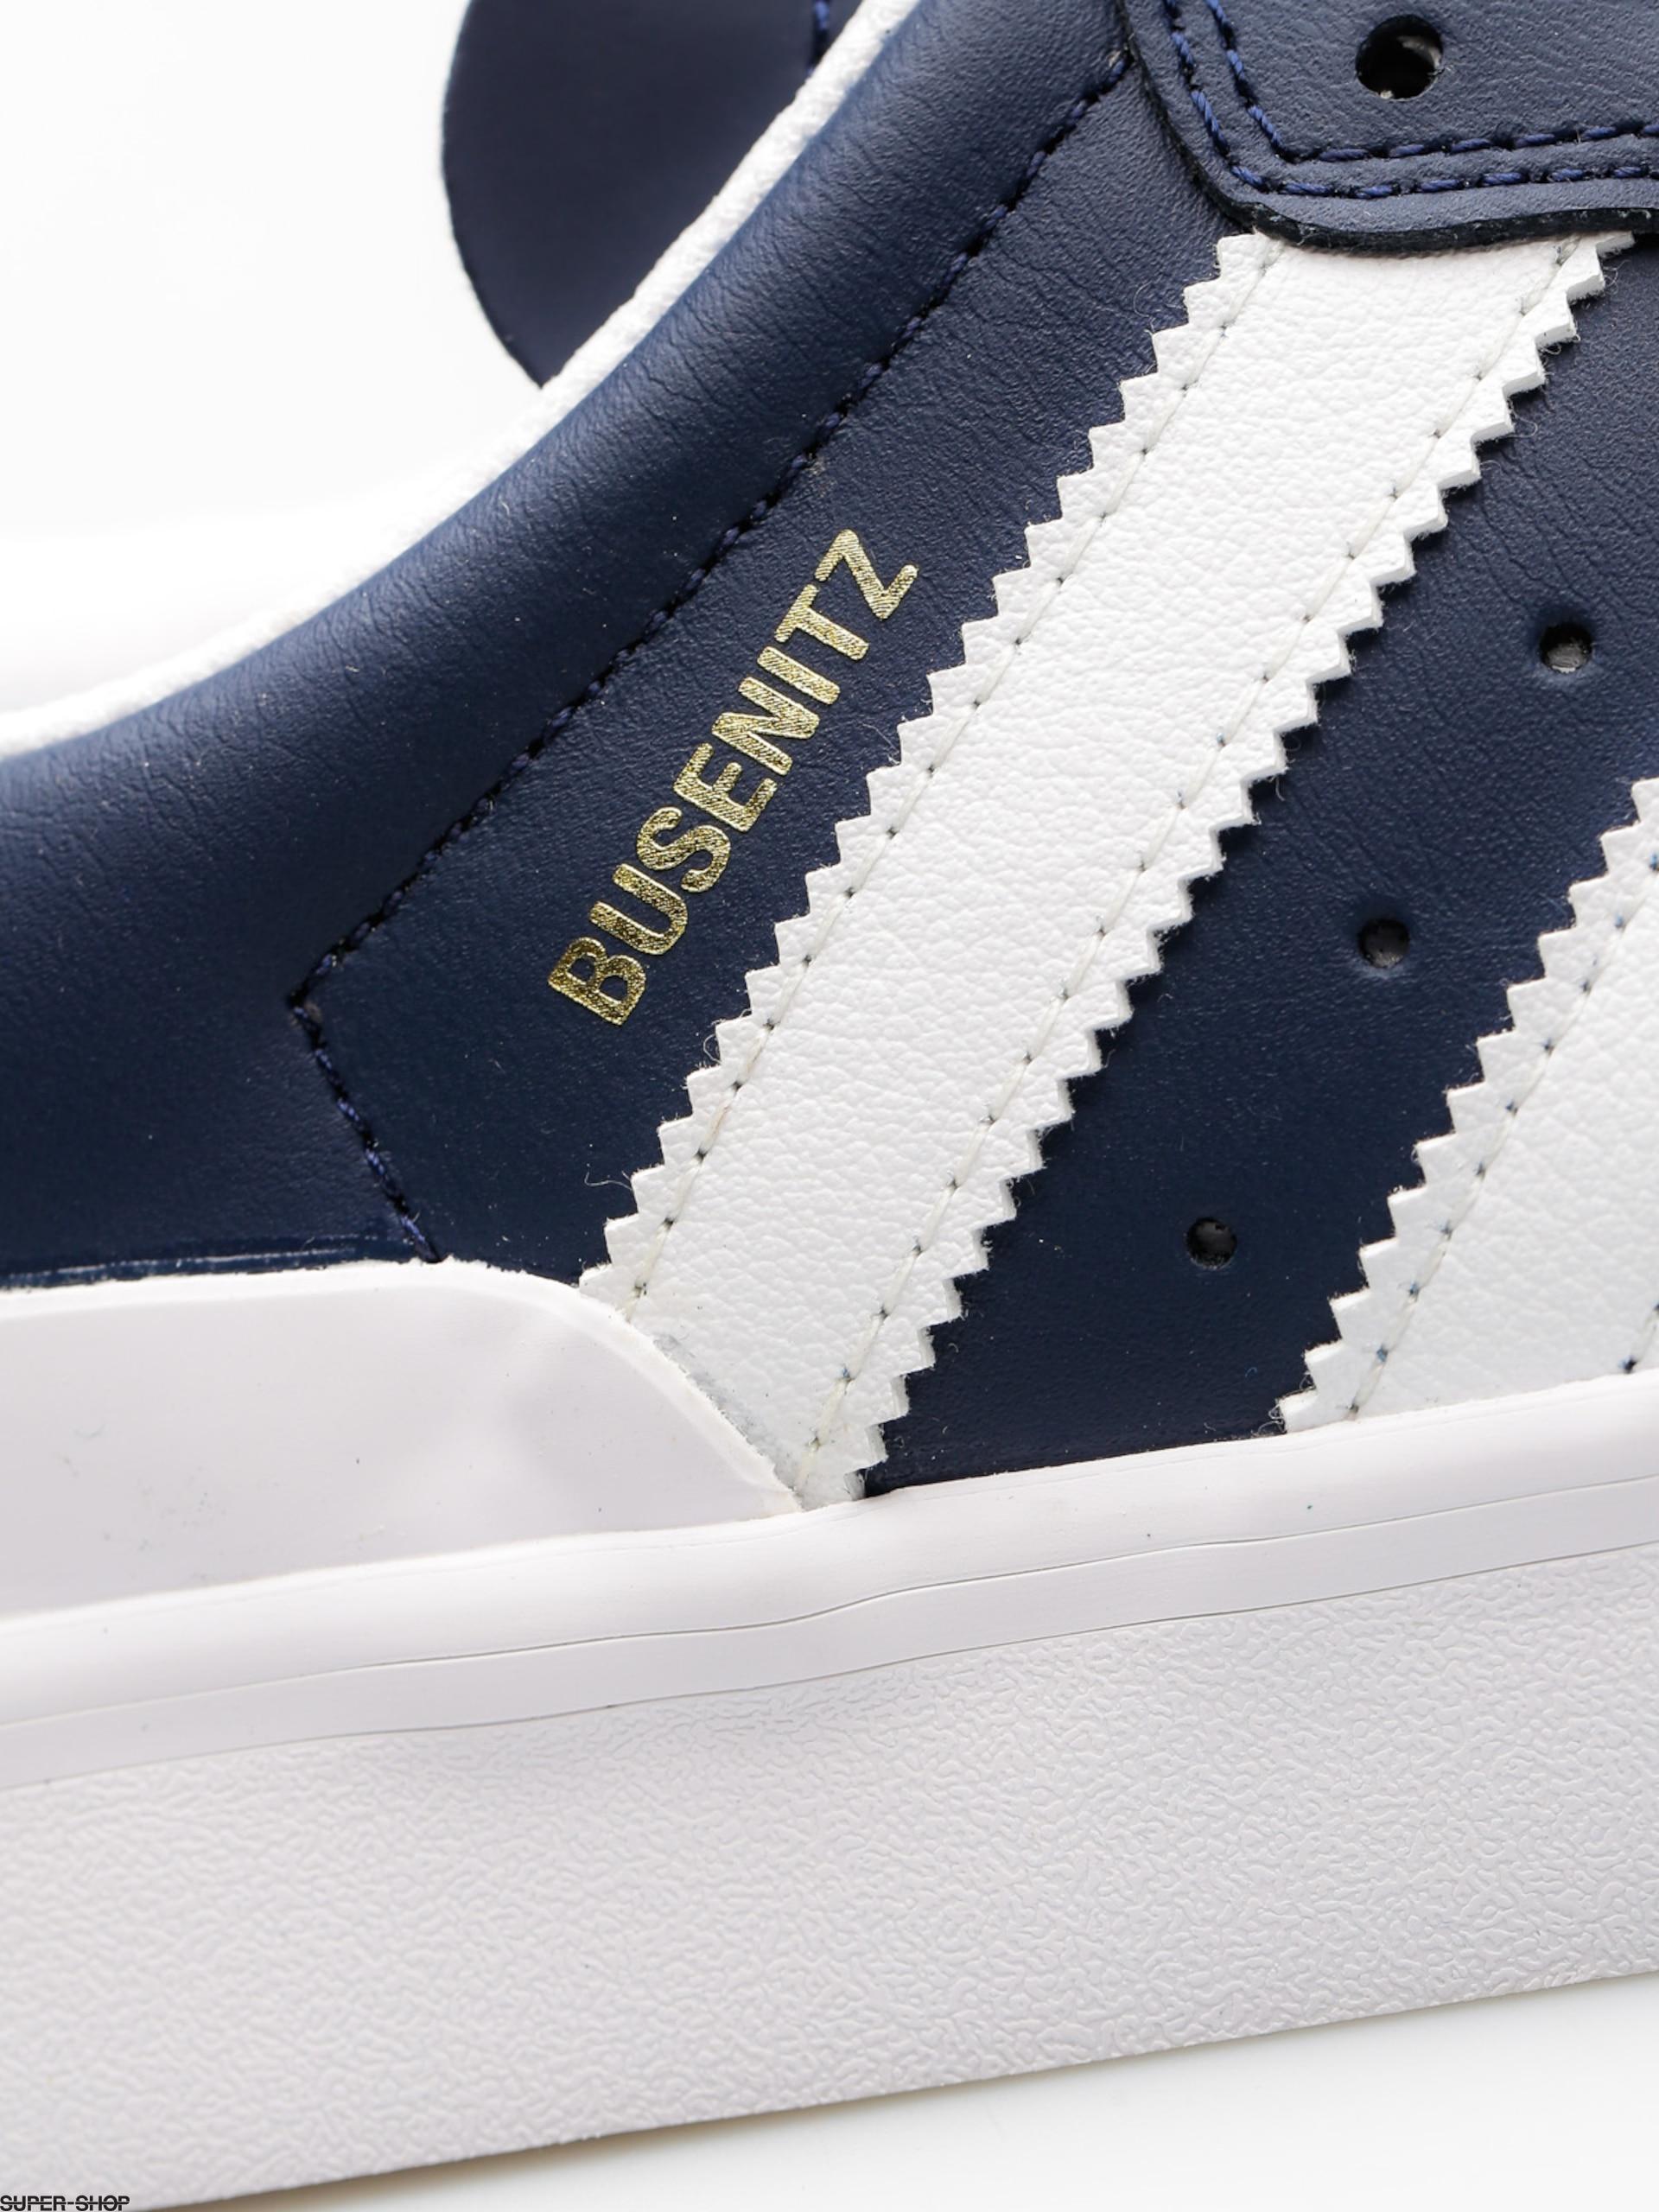 9d8851f3132 888634-w1920-adidas-shoes -busenitz-vulc-samba-edidtion-conavy-ftwwht-blubir.jpg